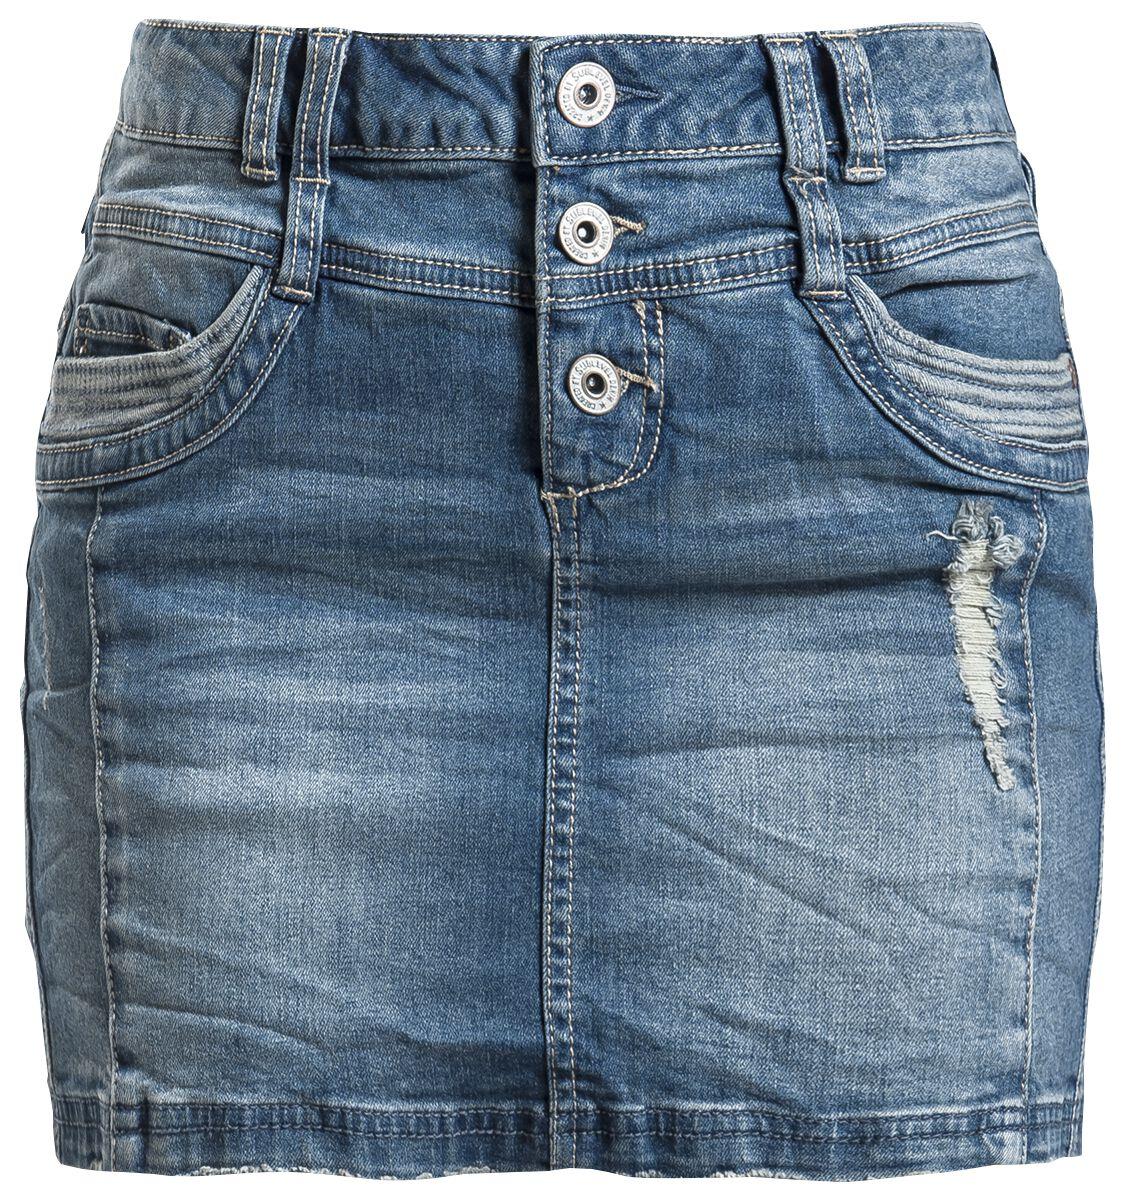 Roecke für Frauen - Sublevel Ladies Destroyed Denim Skirt Kurzer Rock blau  - Onlineshop EMP